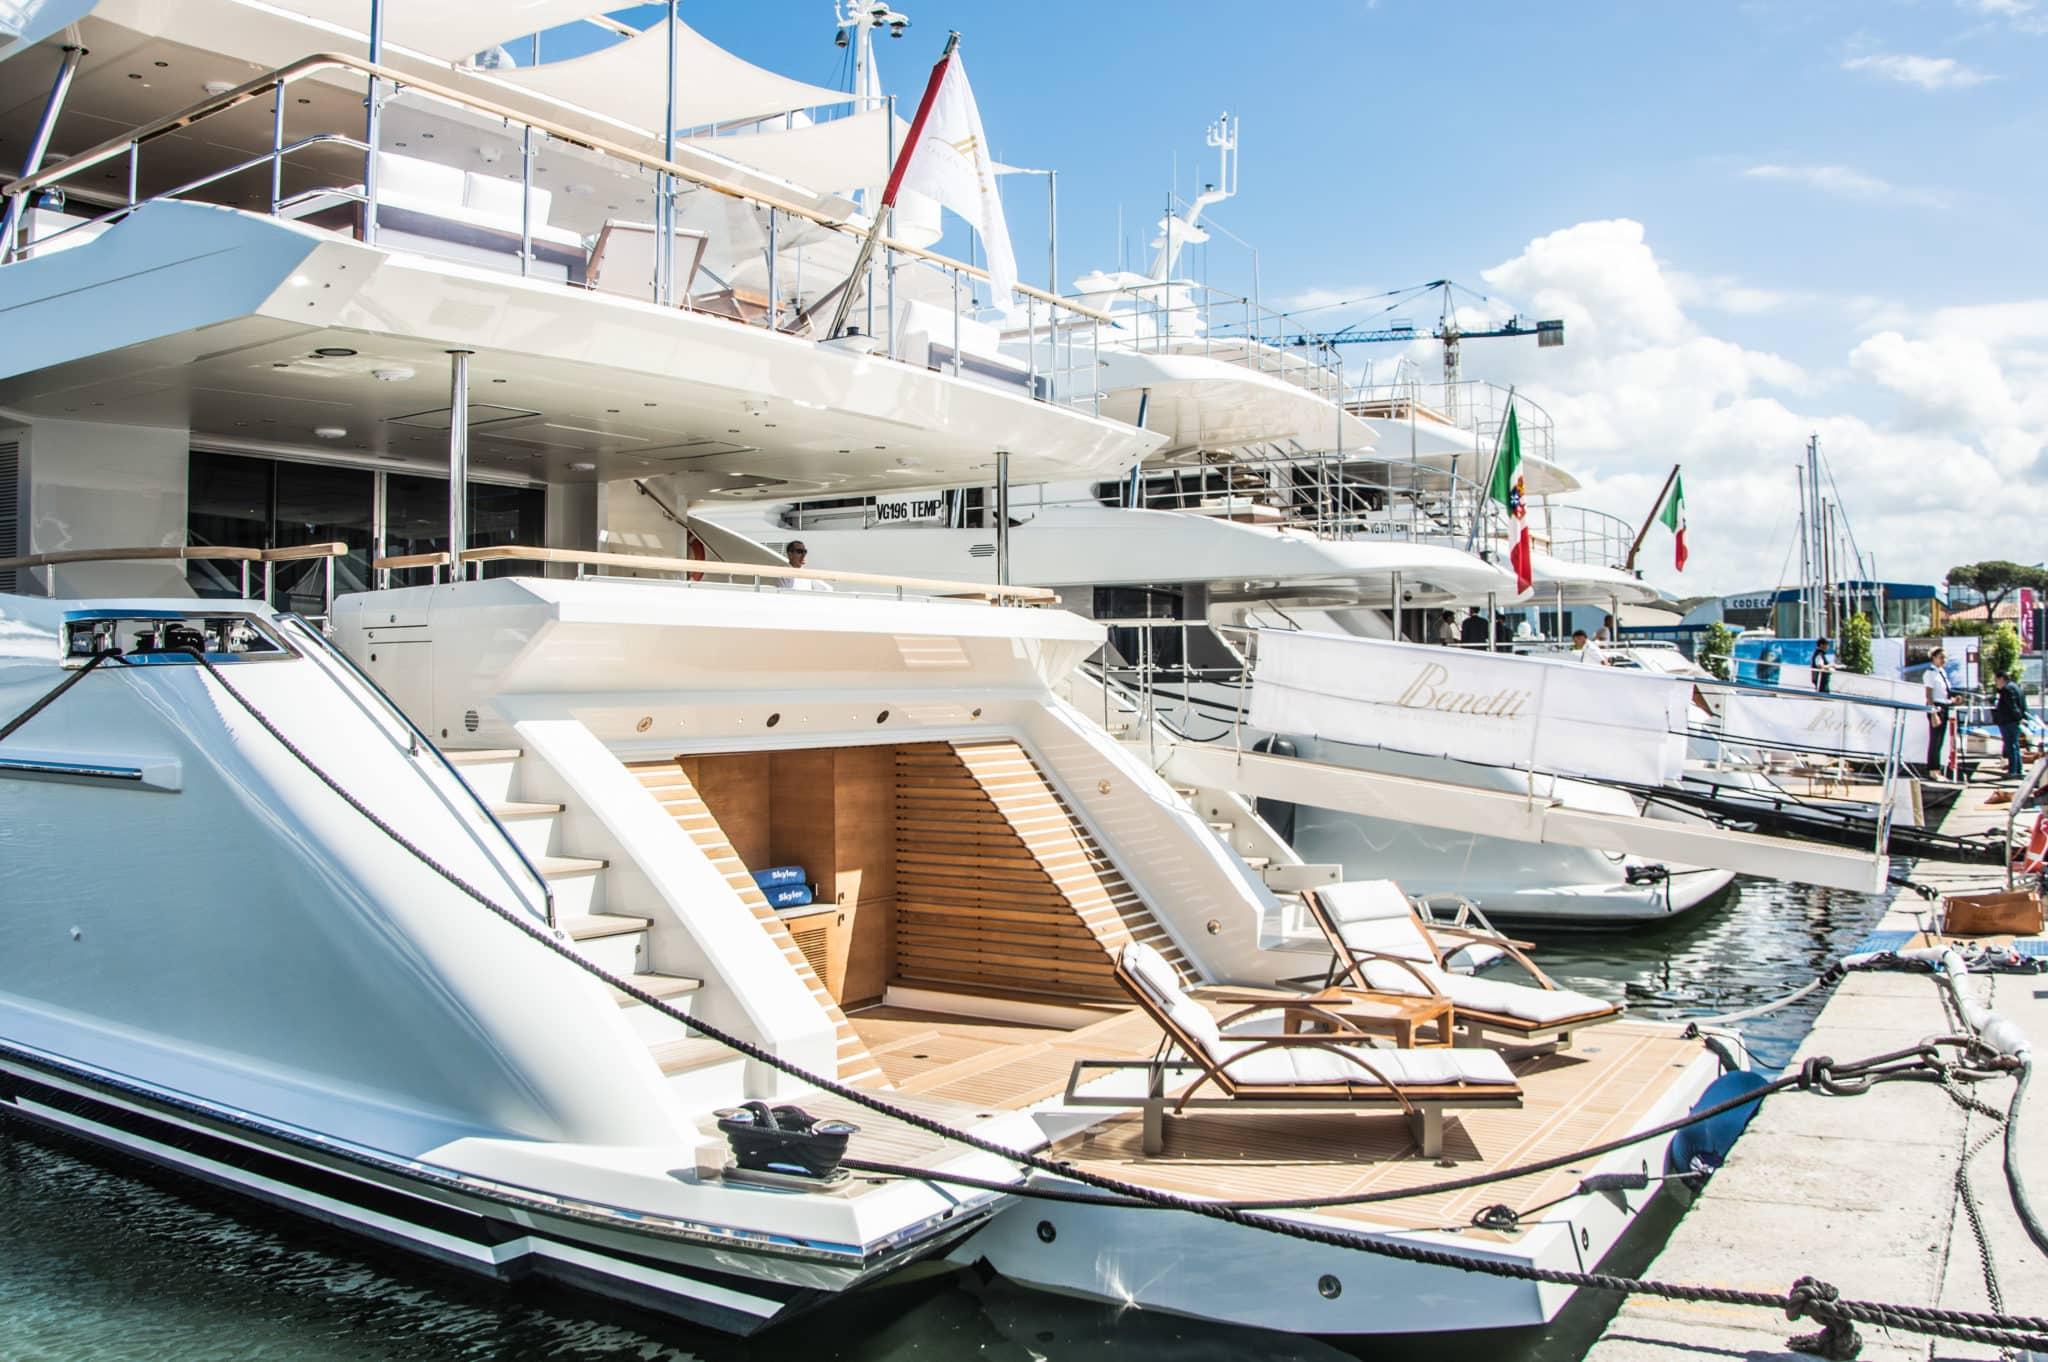 Benetti Yacht Versilia Yachting Rendez Vous